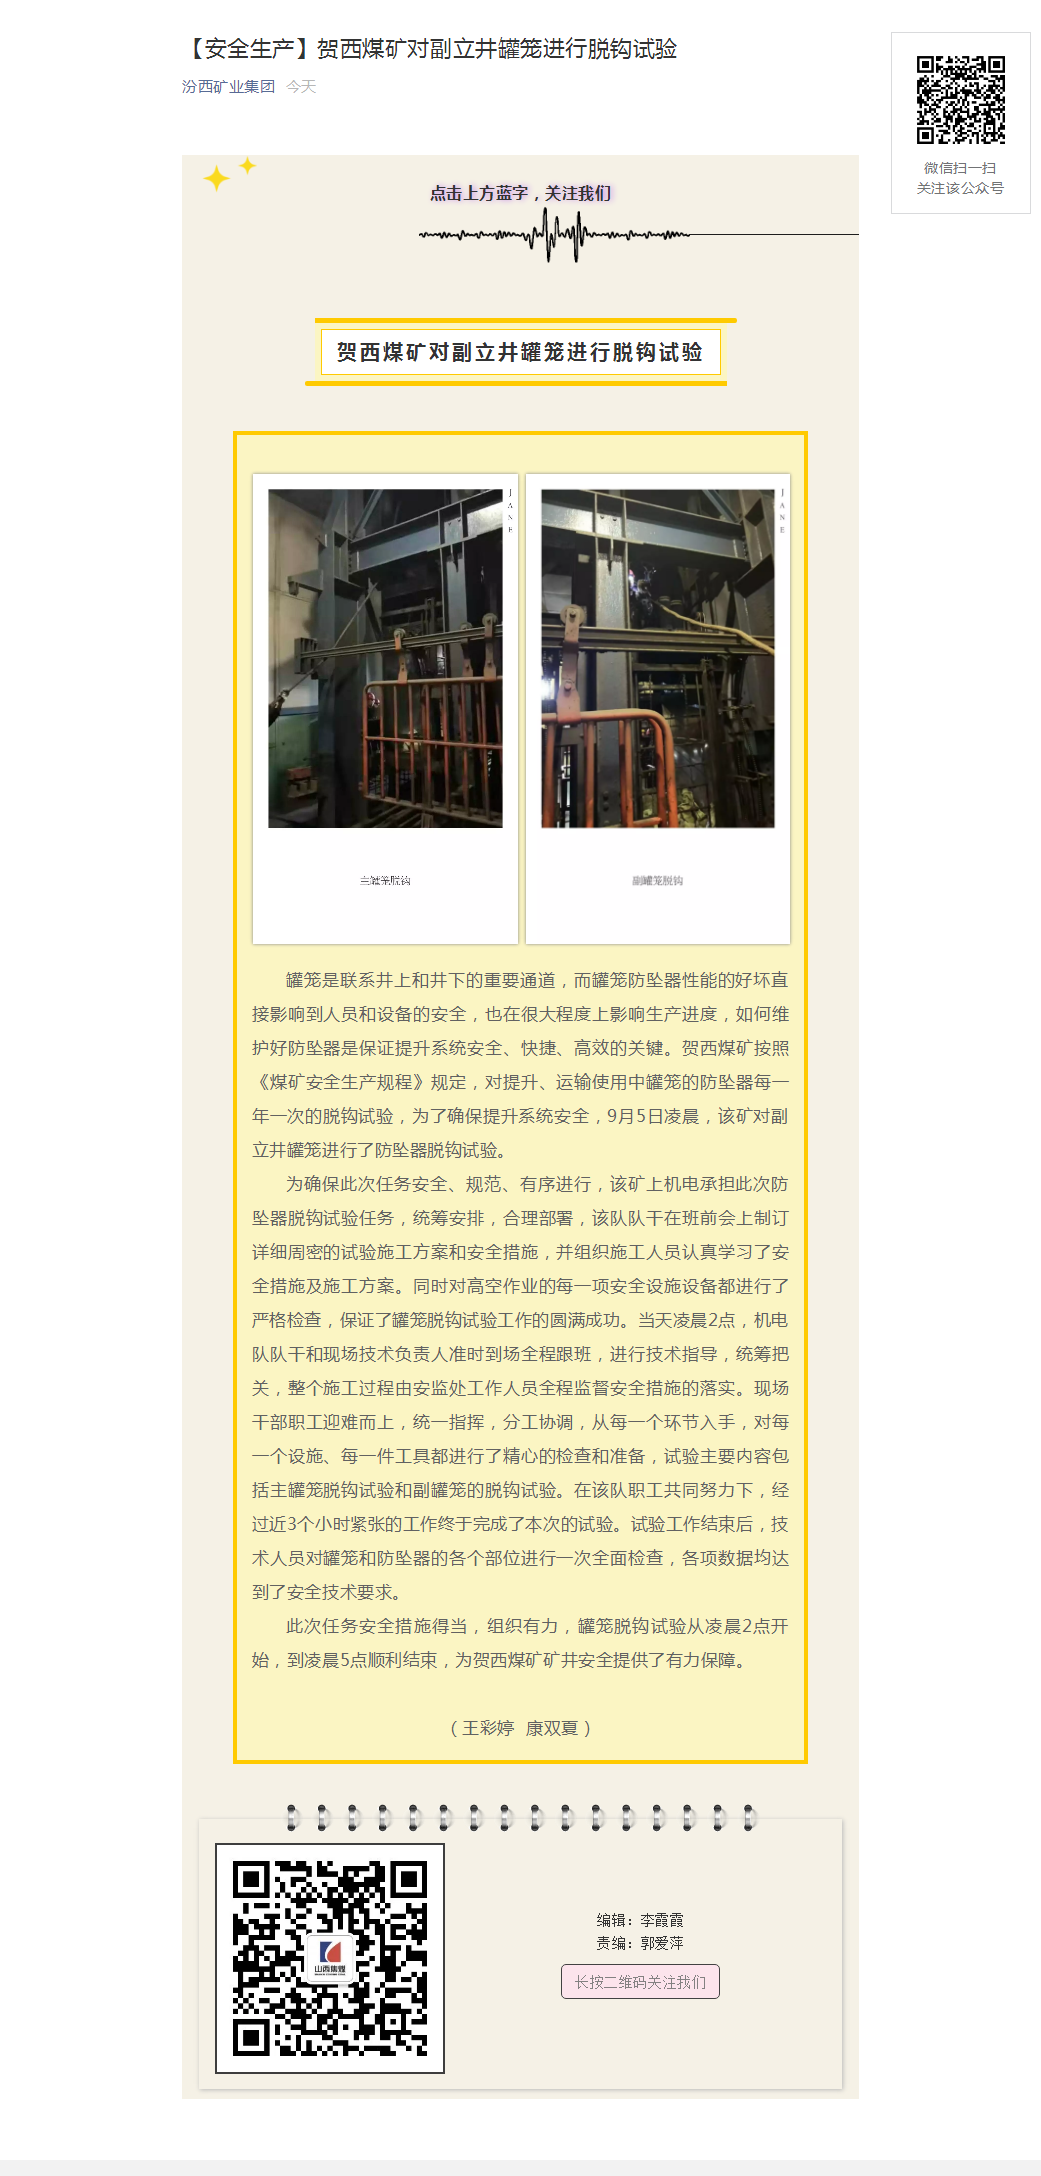 【安全生産】賀西煤礦對副立井罐籠進行脫鈎試驗.png